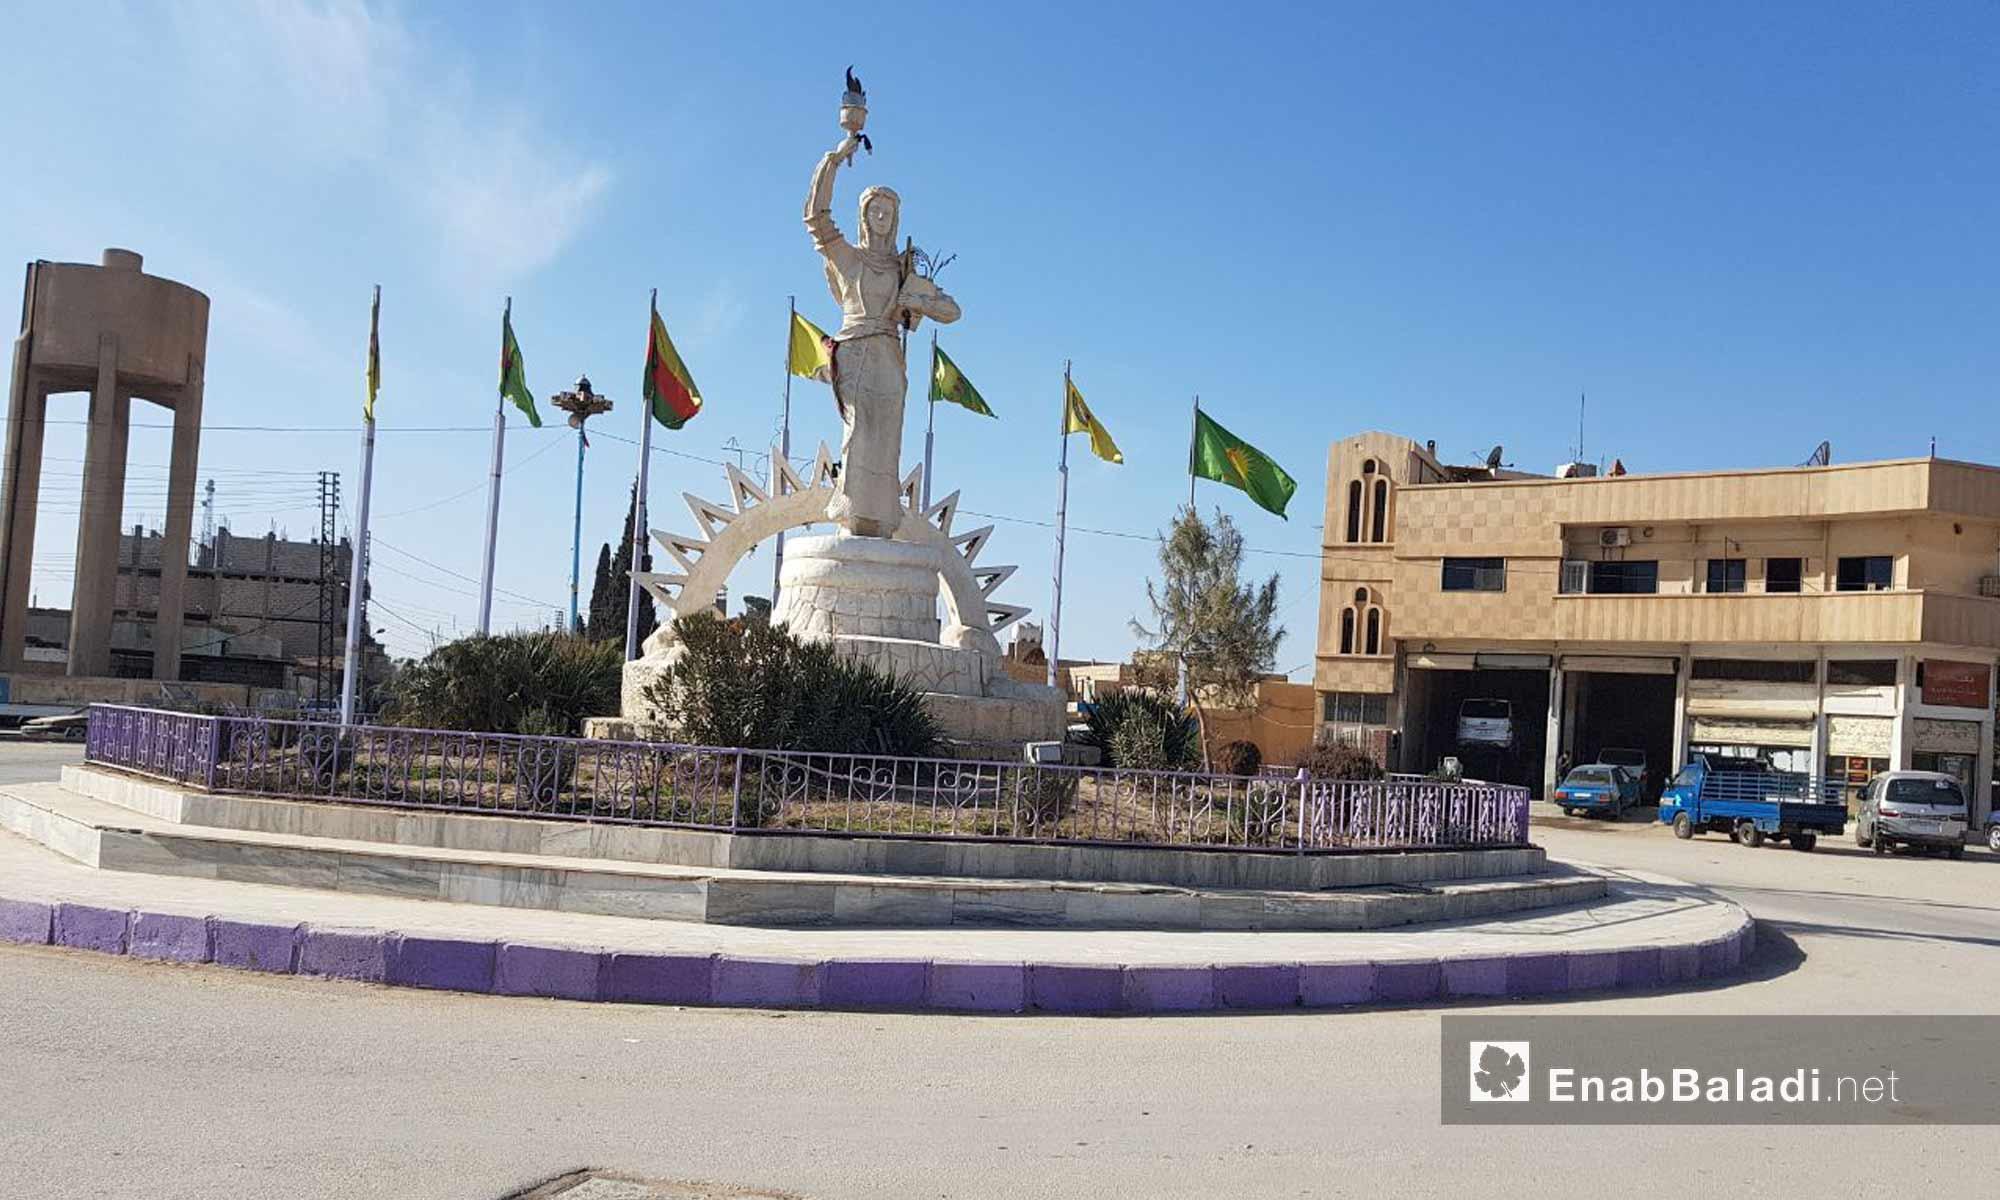 مدينة عامودا التابعة لمحافظة الحسكة شمال سوريا - 9 شباط 2018 (عنب بلدي)